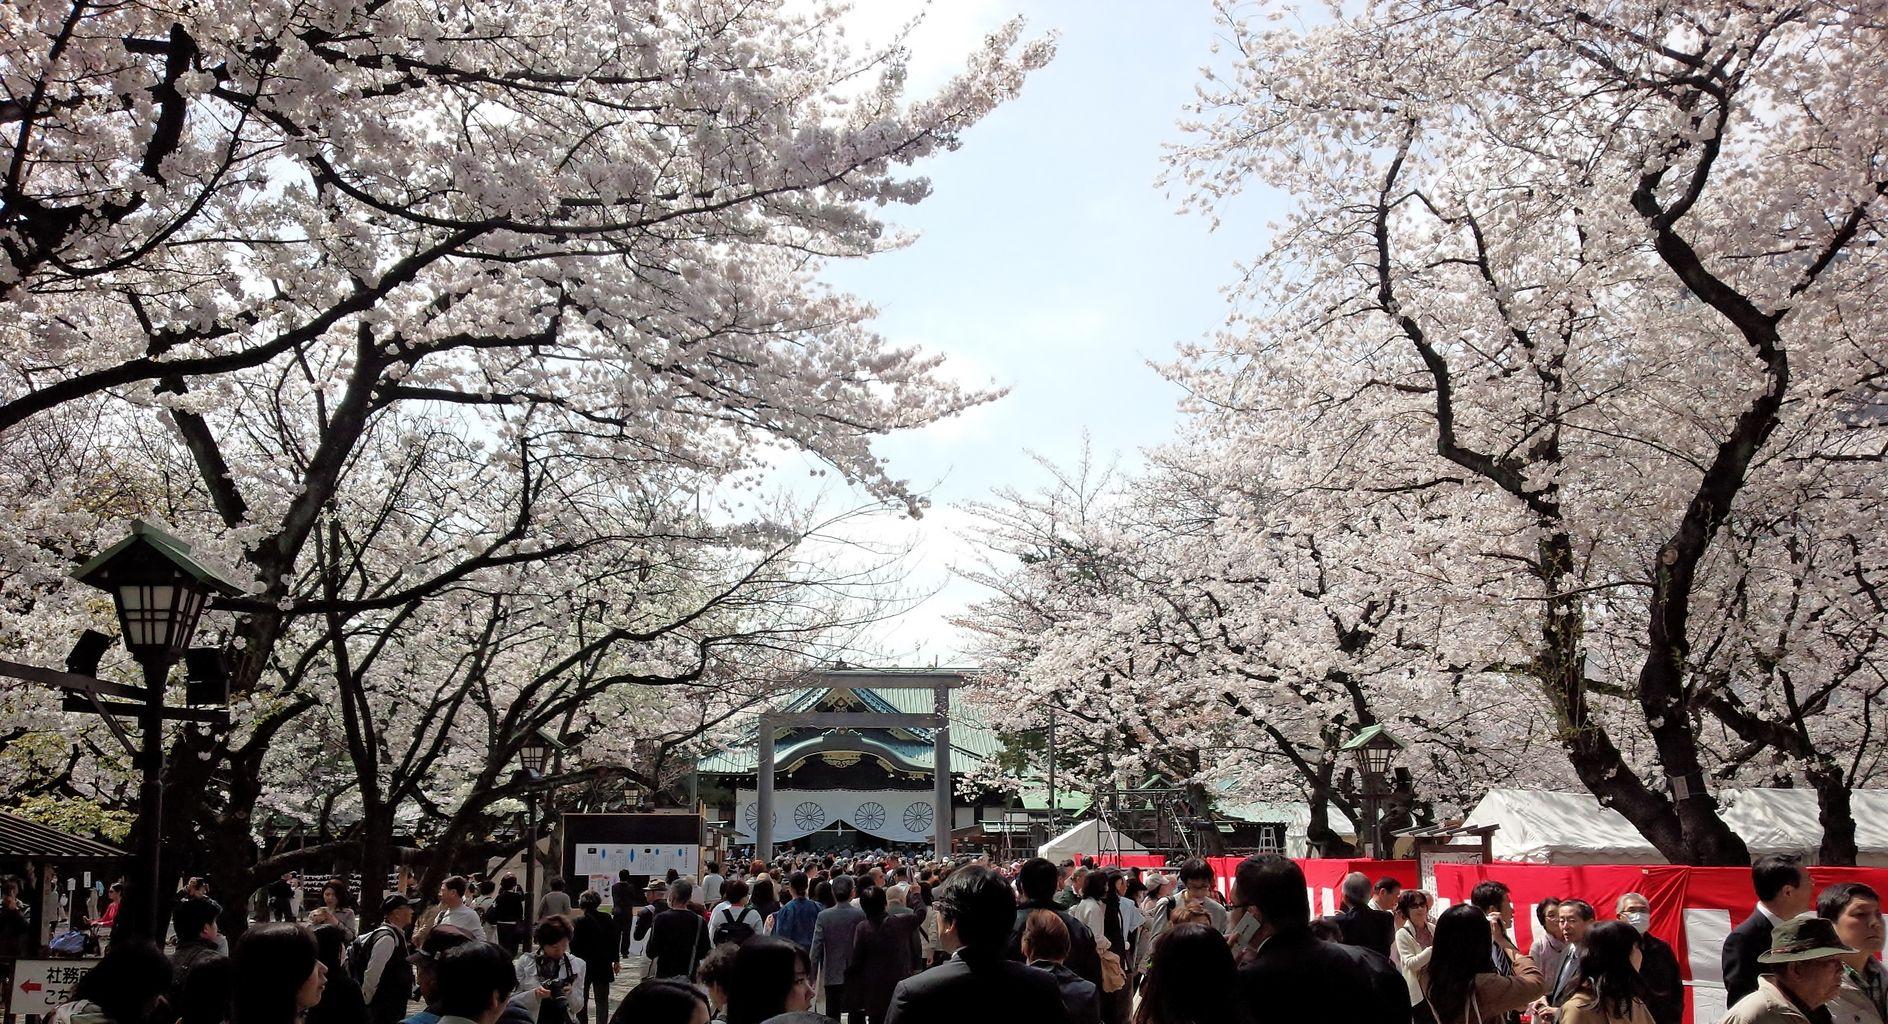 「千代田」に関する、おすすめの観光・お出かけスポットや最新のイベント情報を紹介しています。人気の定番スポットから穴場情報までまとめましたので、楽しい週末や休日を過ごすための参考にしてくださいね。